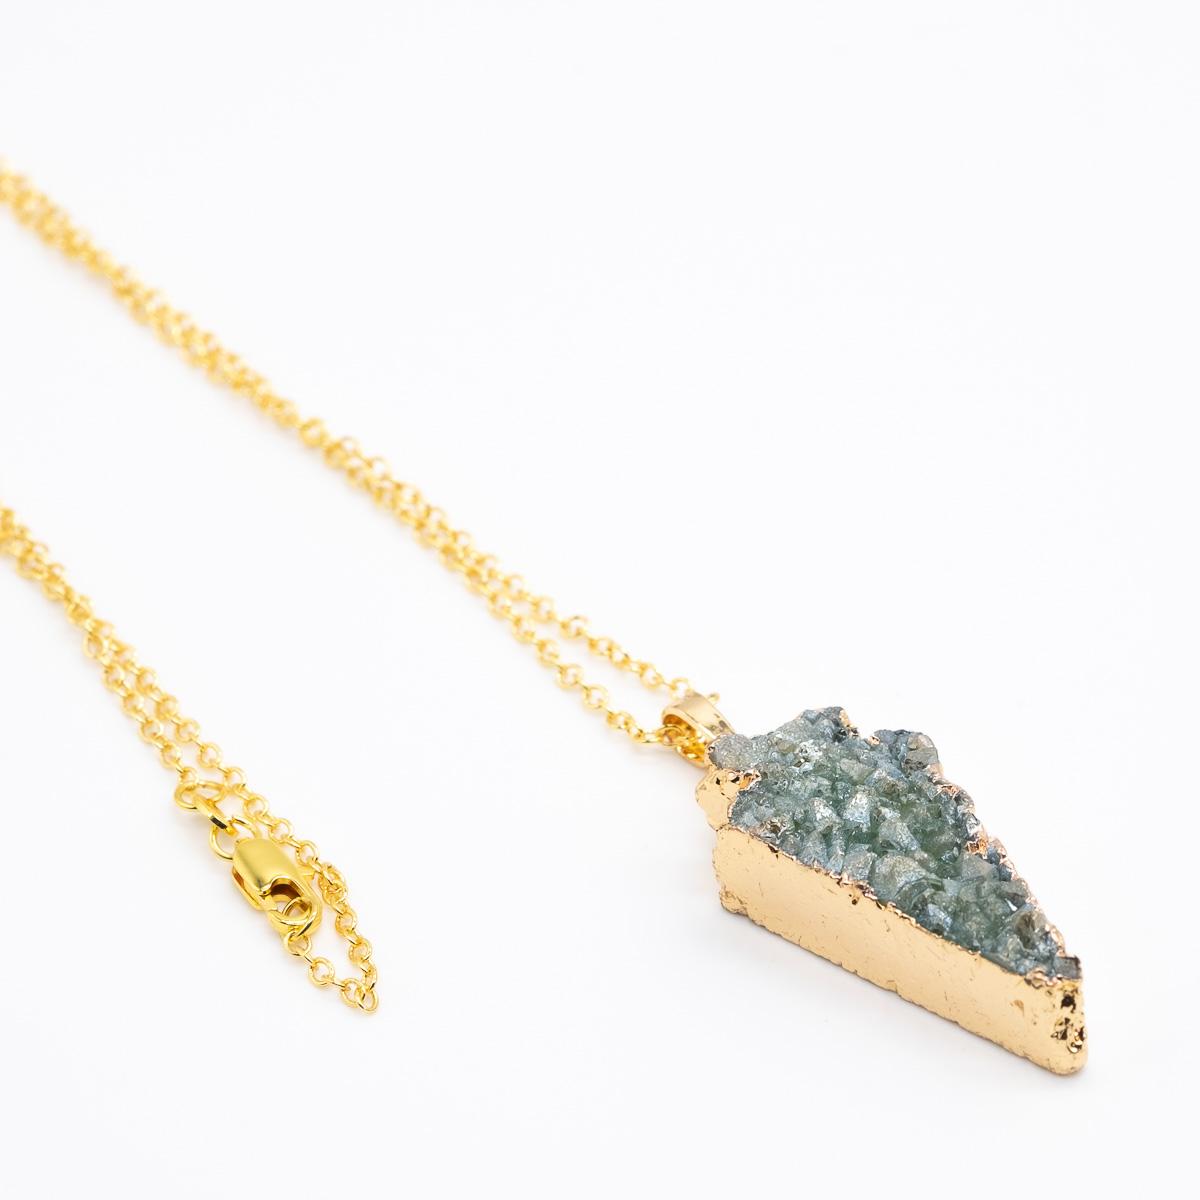 HGR-004 groene agaat hanger kristal